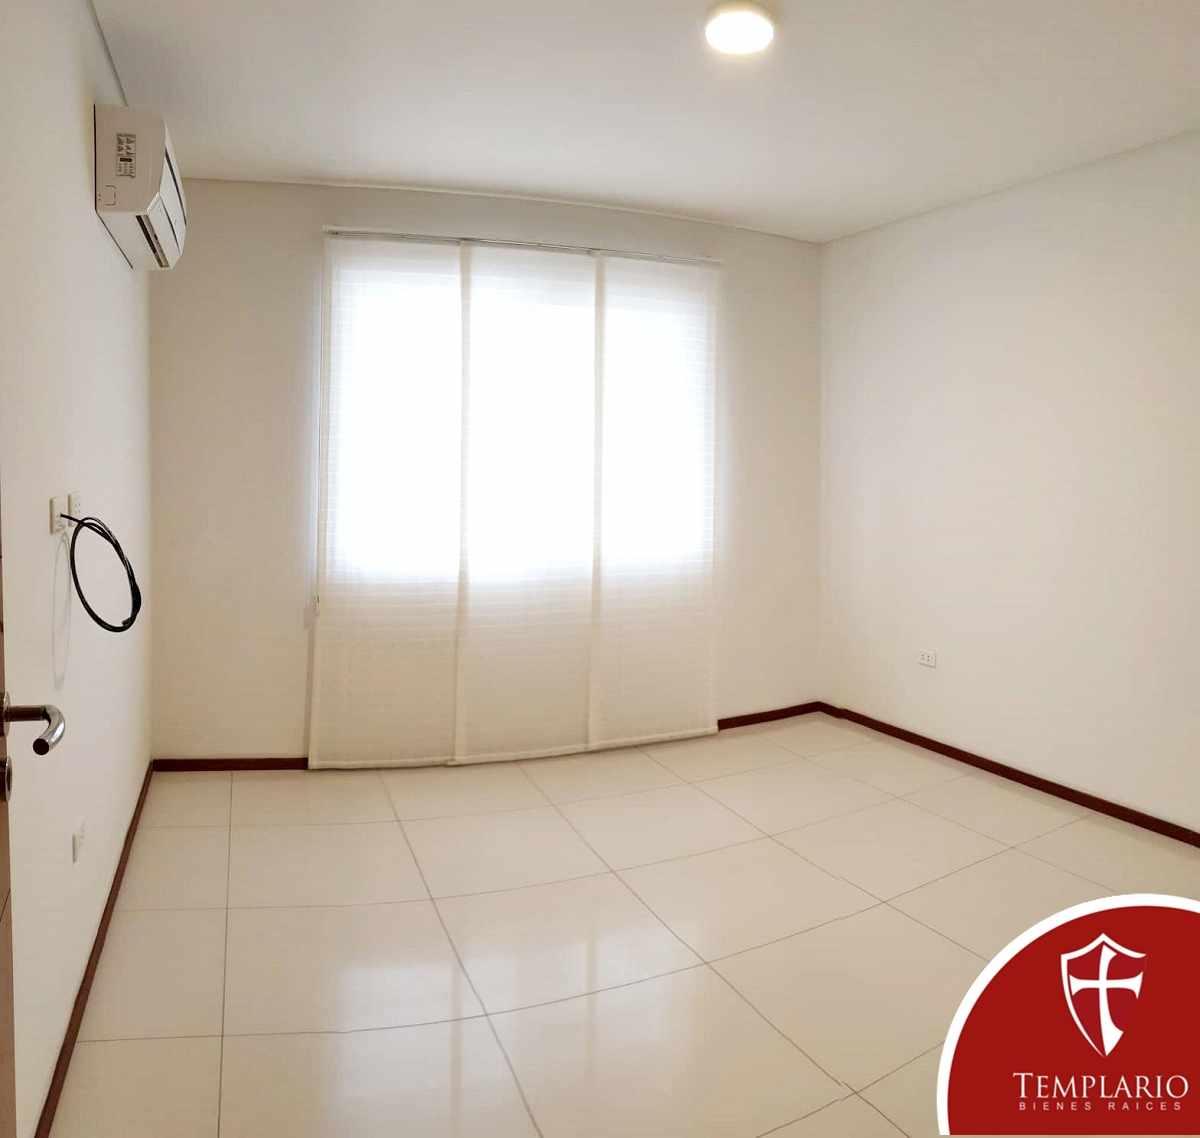 Casa en Alquiler Av. Pirai 6to anillo - Condominio Cavyar - Zona Oeste Foto 17